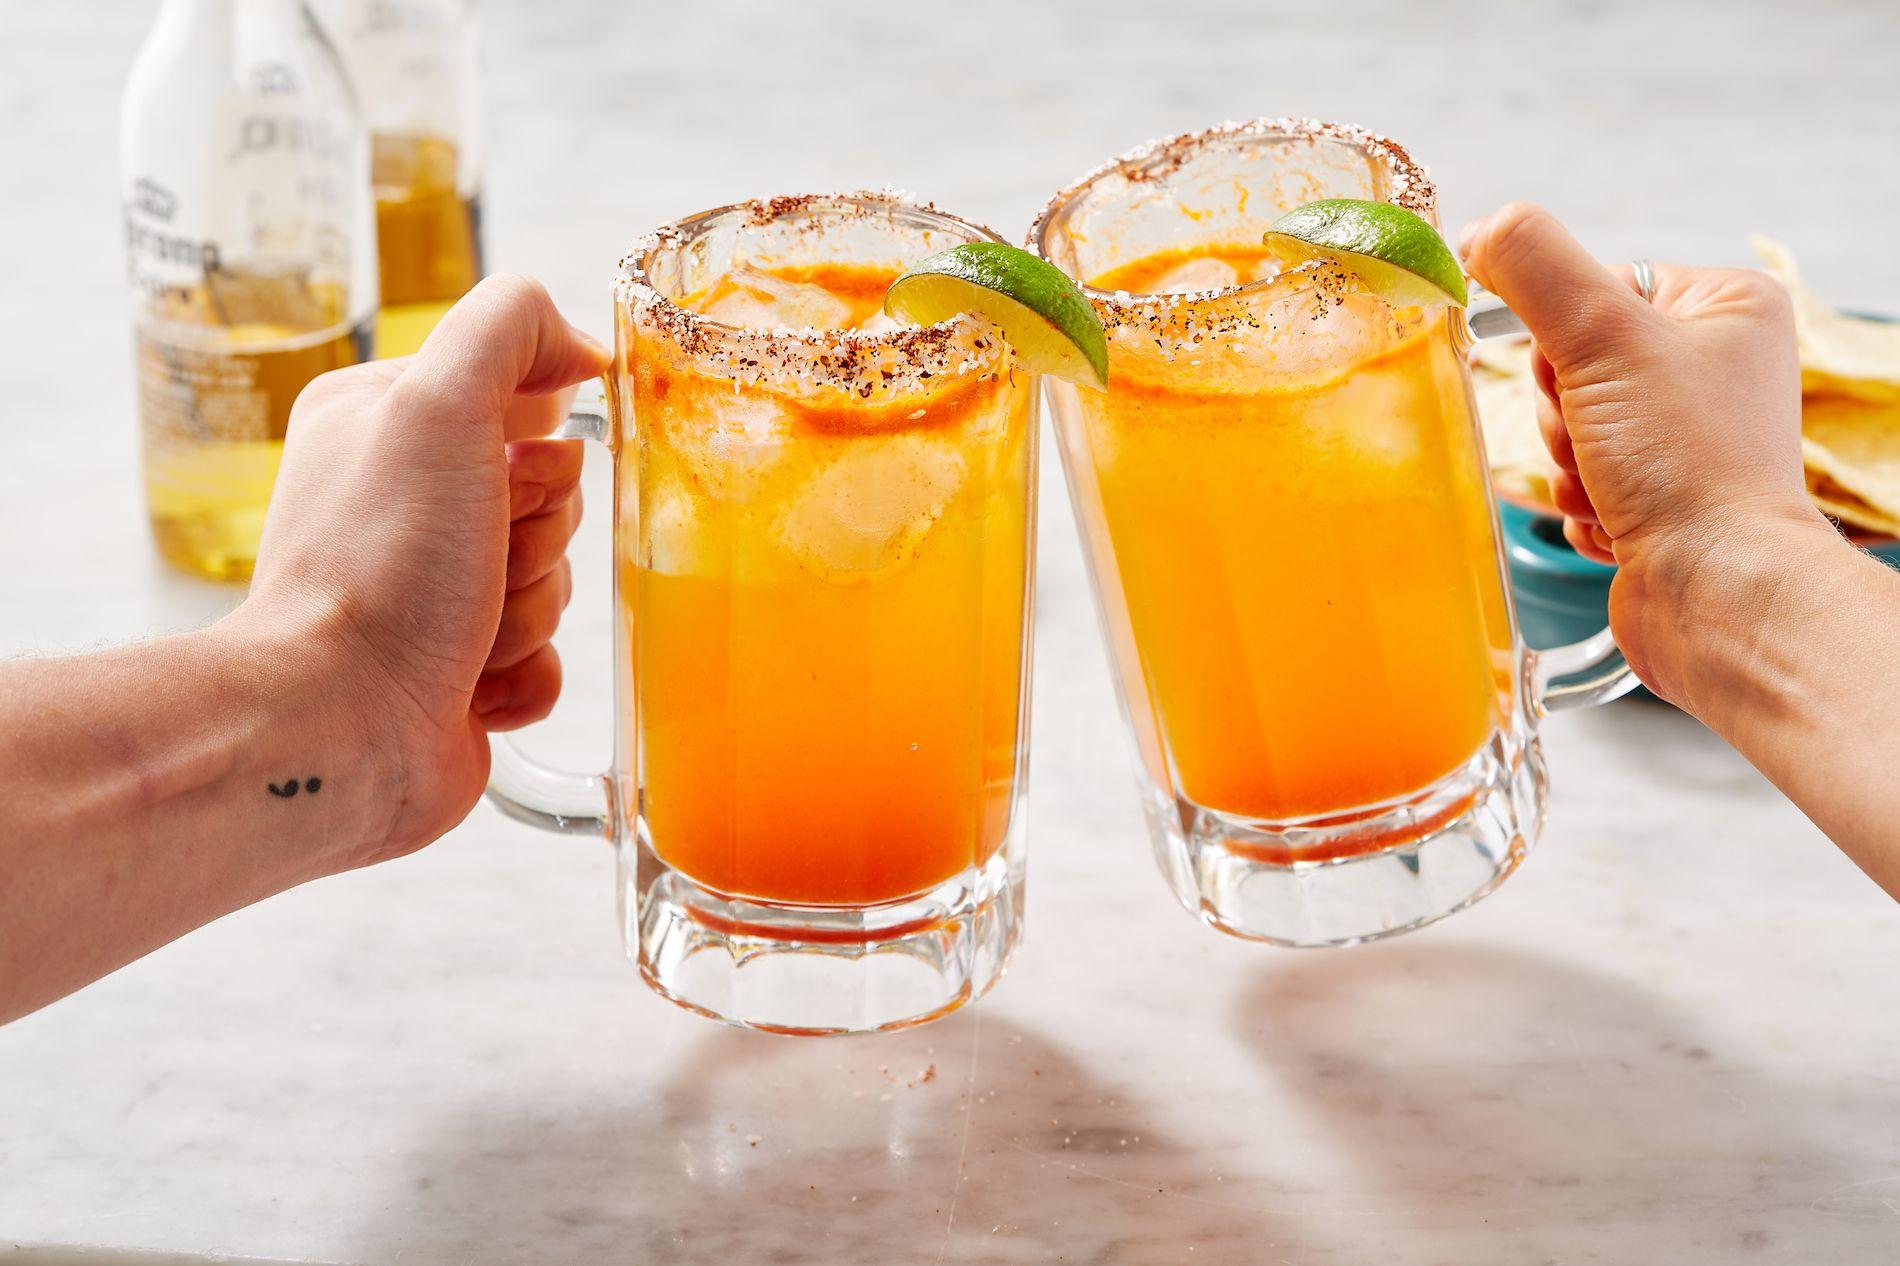 Thành phần 4 muỗng canh muối biển nước ép của 6 quả chanh Lager Mexico (chúng tôi đã sử dụng Corona) Sốt Tabasco hoặc sốt Worcestershire, để phục vụ (tùy chọn) Phương pháp BƯỚC 1 Đổ 4 muỗng canh muối biển lên đĩa. Nhúng 4 ly dài vào nước cốt của 6 quả chanh, sau đó vào muối, như vậy bạn sẽ được viền một ít muối quanh miệng ly. Cho một ít đá vào mỗi ly, sau đó chia nước cốt chanh giữa các ly và đổ thêm rượu bia lên trên. Kết thúc với một chút sốt Tabasco hoặc Worcestershire nếu bạn thích.